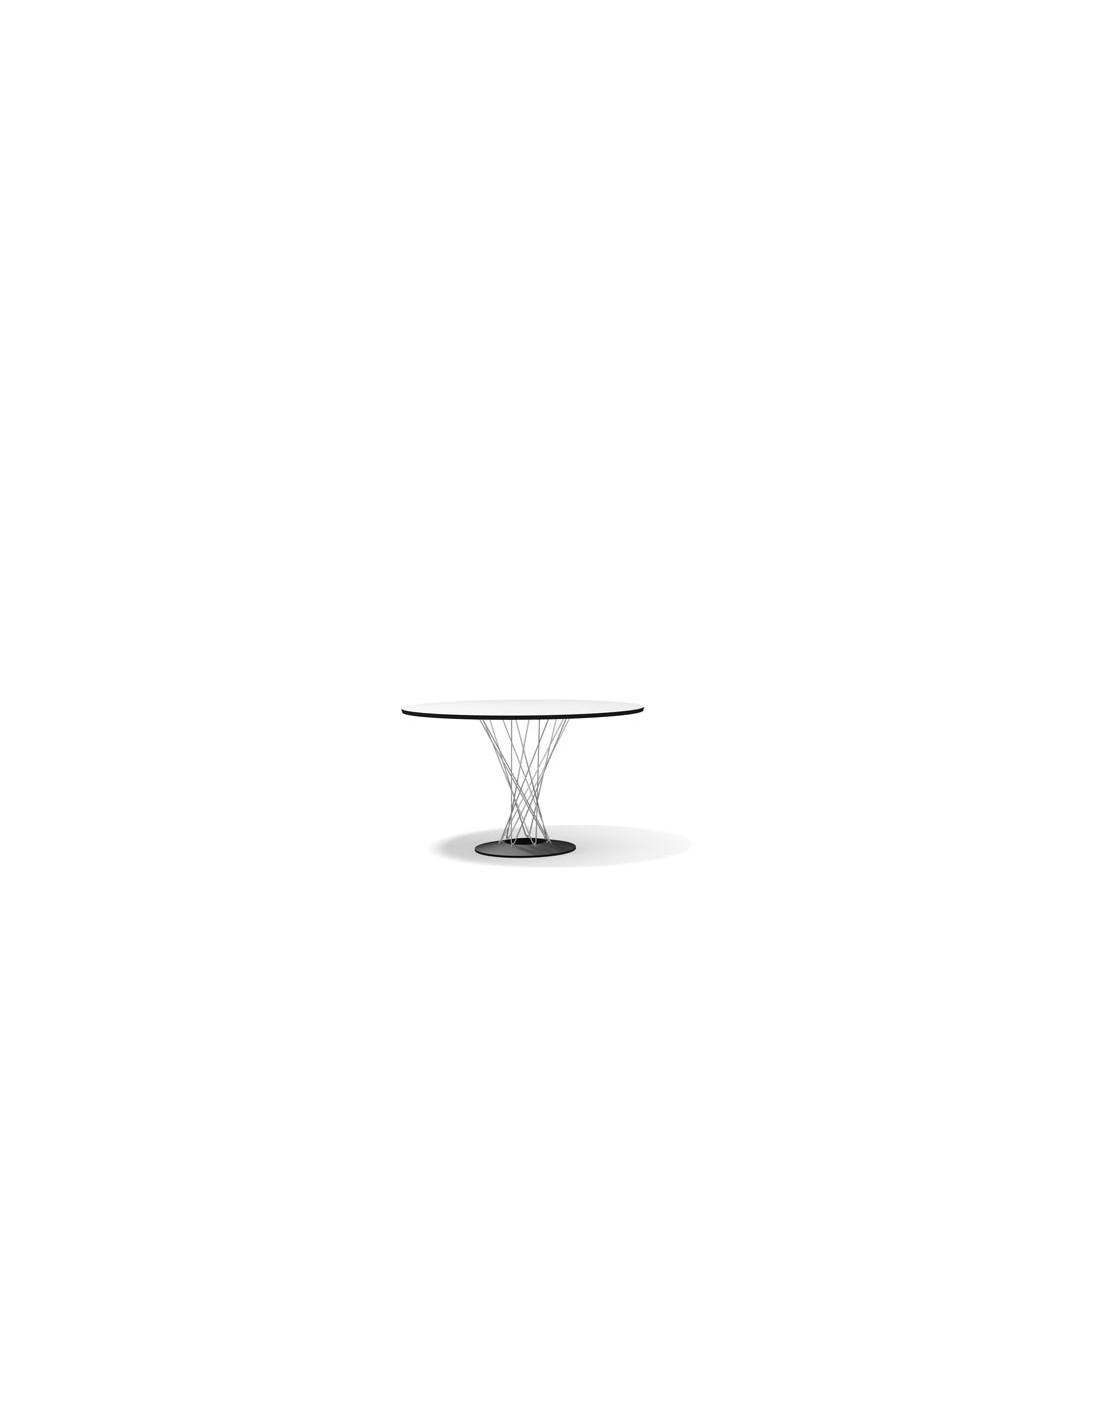 Esstisch Dining Table Vitra betz designm246belch : esstisch dining table vitra from www.betz-designmoebel.ch size 800 x 800 jpeg 24kB